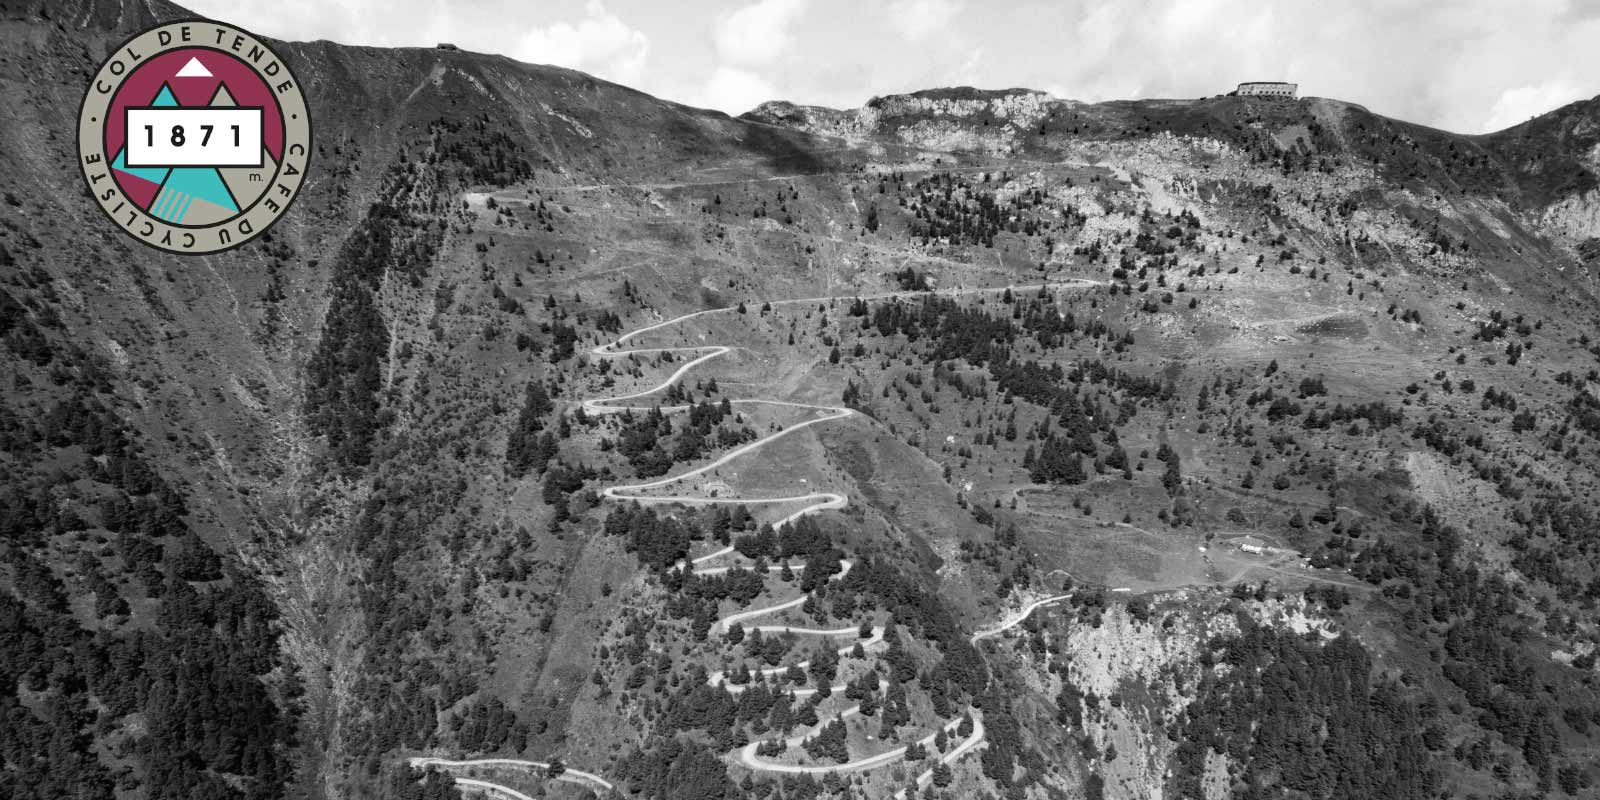 Tende A Tunnel.Col De Tende Nos Montagnes A La Carte 3 La Gazette